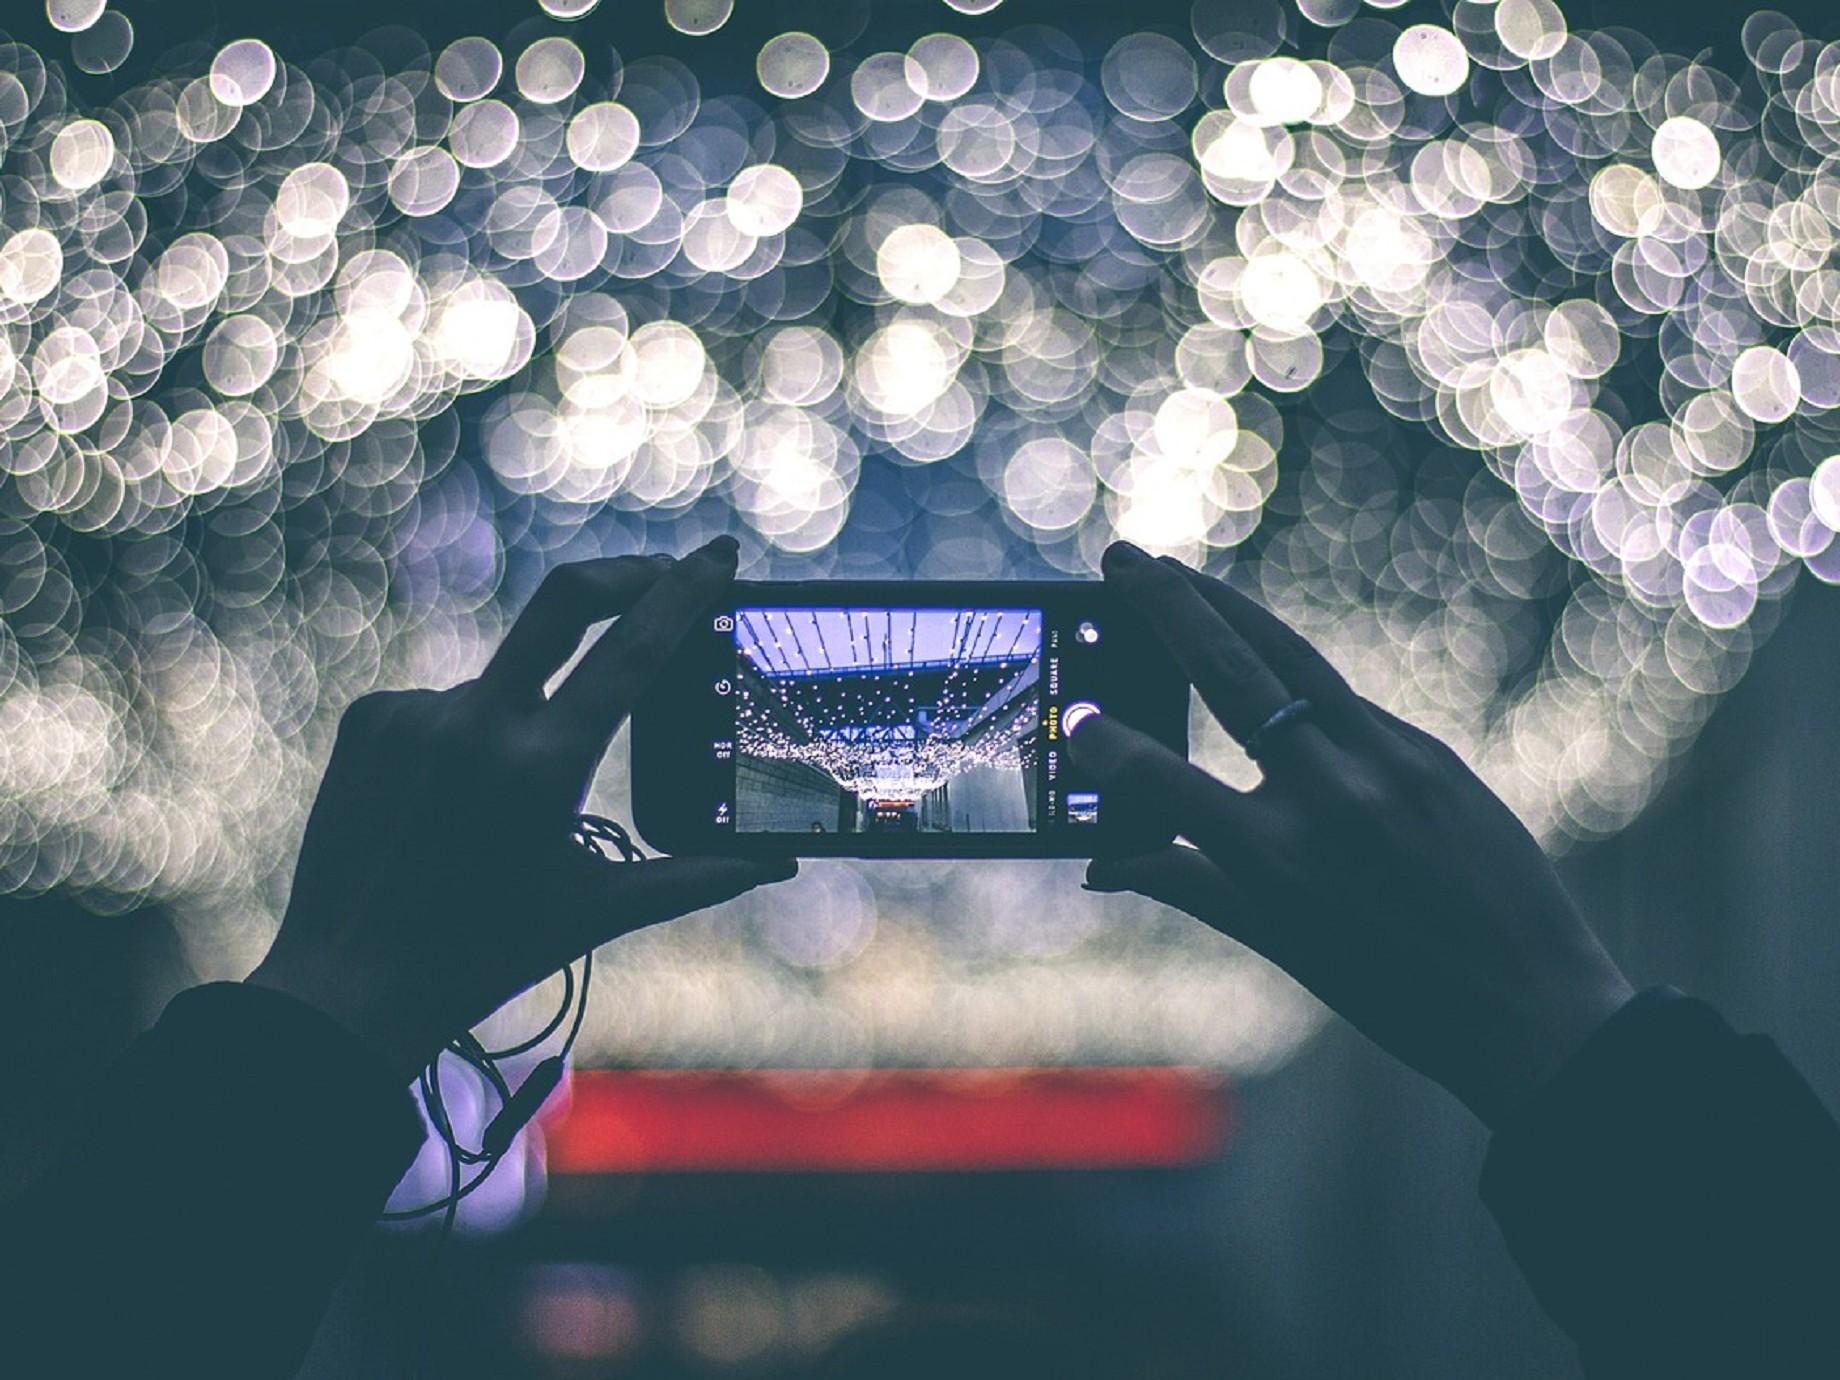 SmartM每週專題》屬於影片的未來,企業如何用影音語言與粉絲溝通?